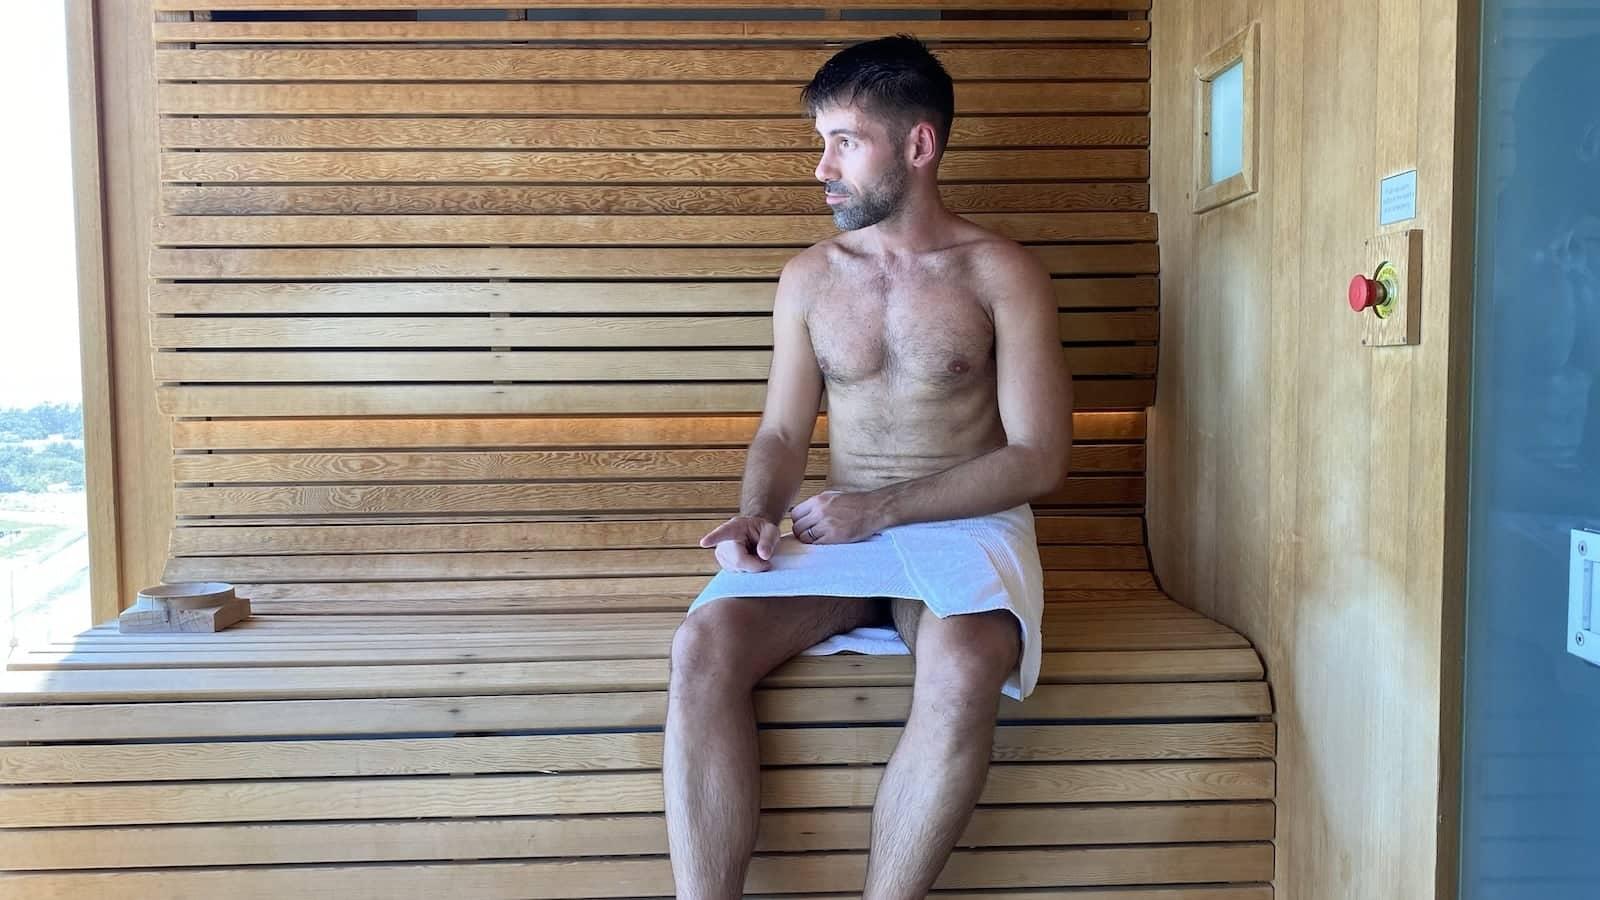 Seby in the Aquarius gay sauna in Phuket